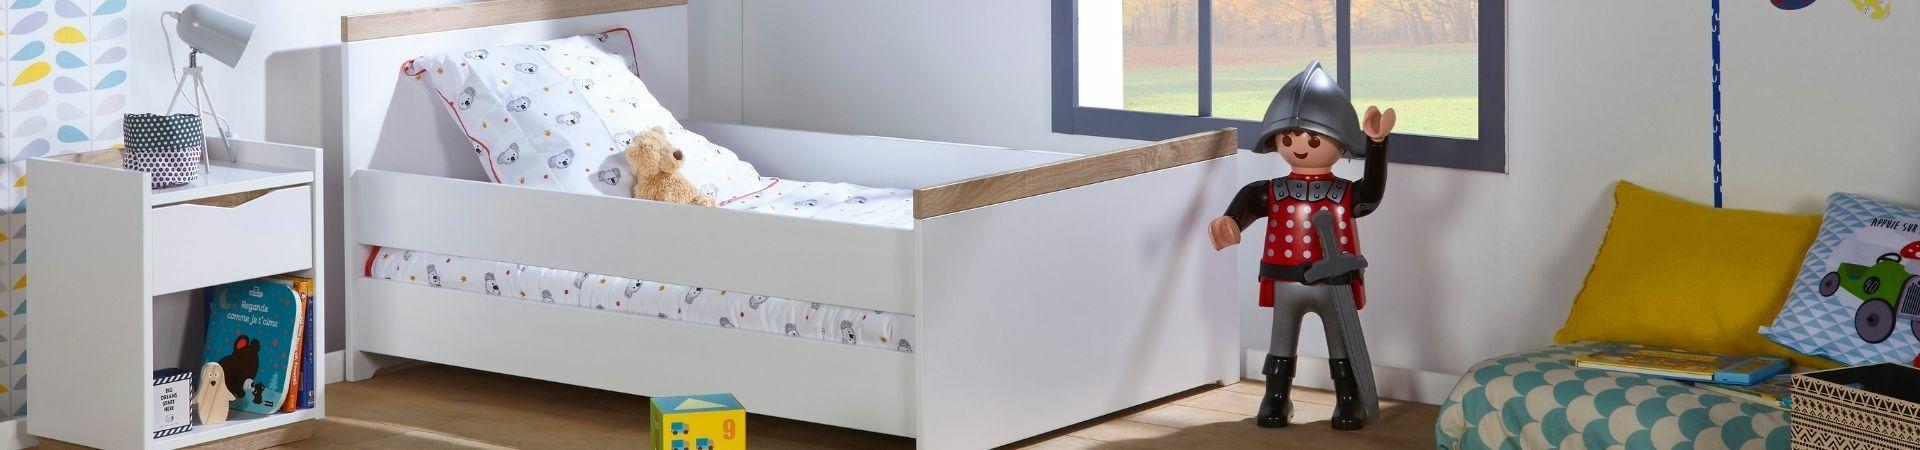 chambre d 39 enfants originales en bois massif achat vente chambres enfants de qualit. Black Bedroom Furniture Sets. Home Design Ideas